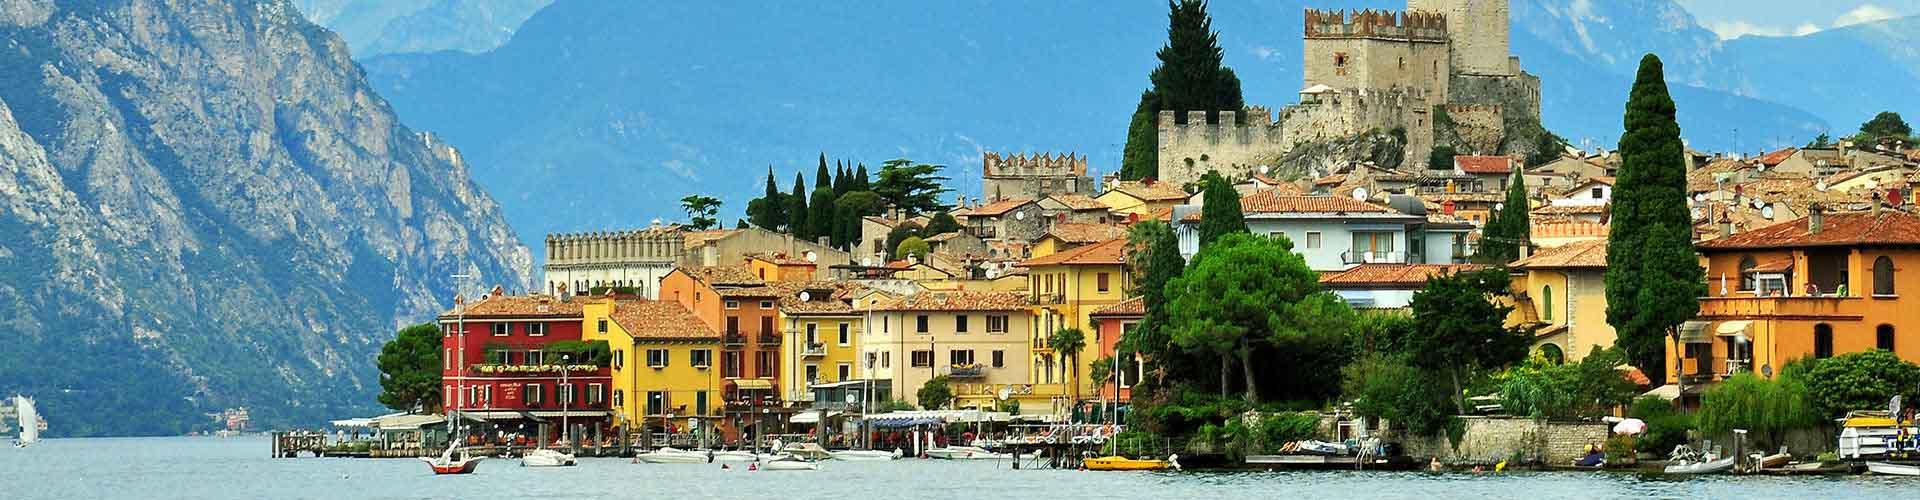 Lake Garda - Auberges de jeunesse à Lake Garda. Cartes pour Lake Garda, photos et commentaires pour chaque auberge de jeunesse à Lake Garda.